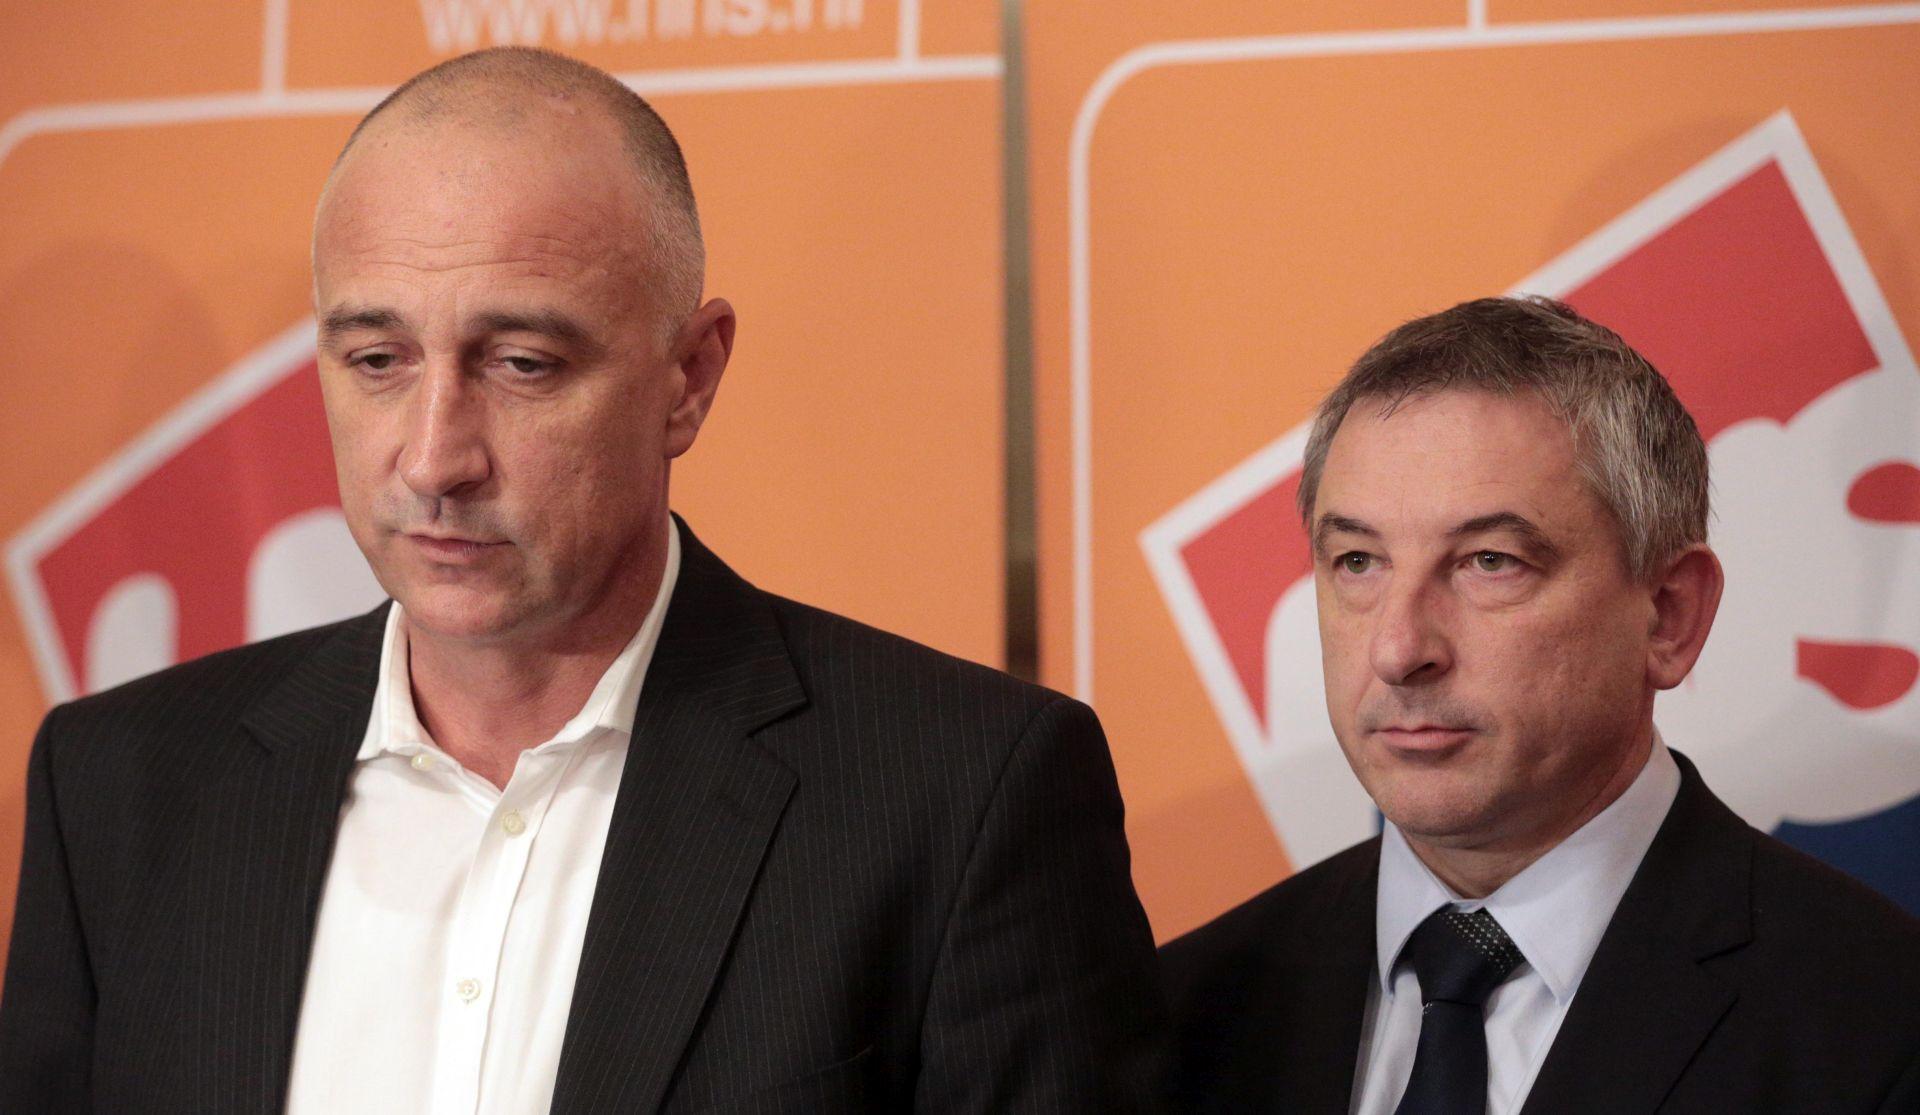 VRDOLJAK: Bilo bi neodgovorno zbog Istanbulske konvencije rušiti vladu